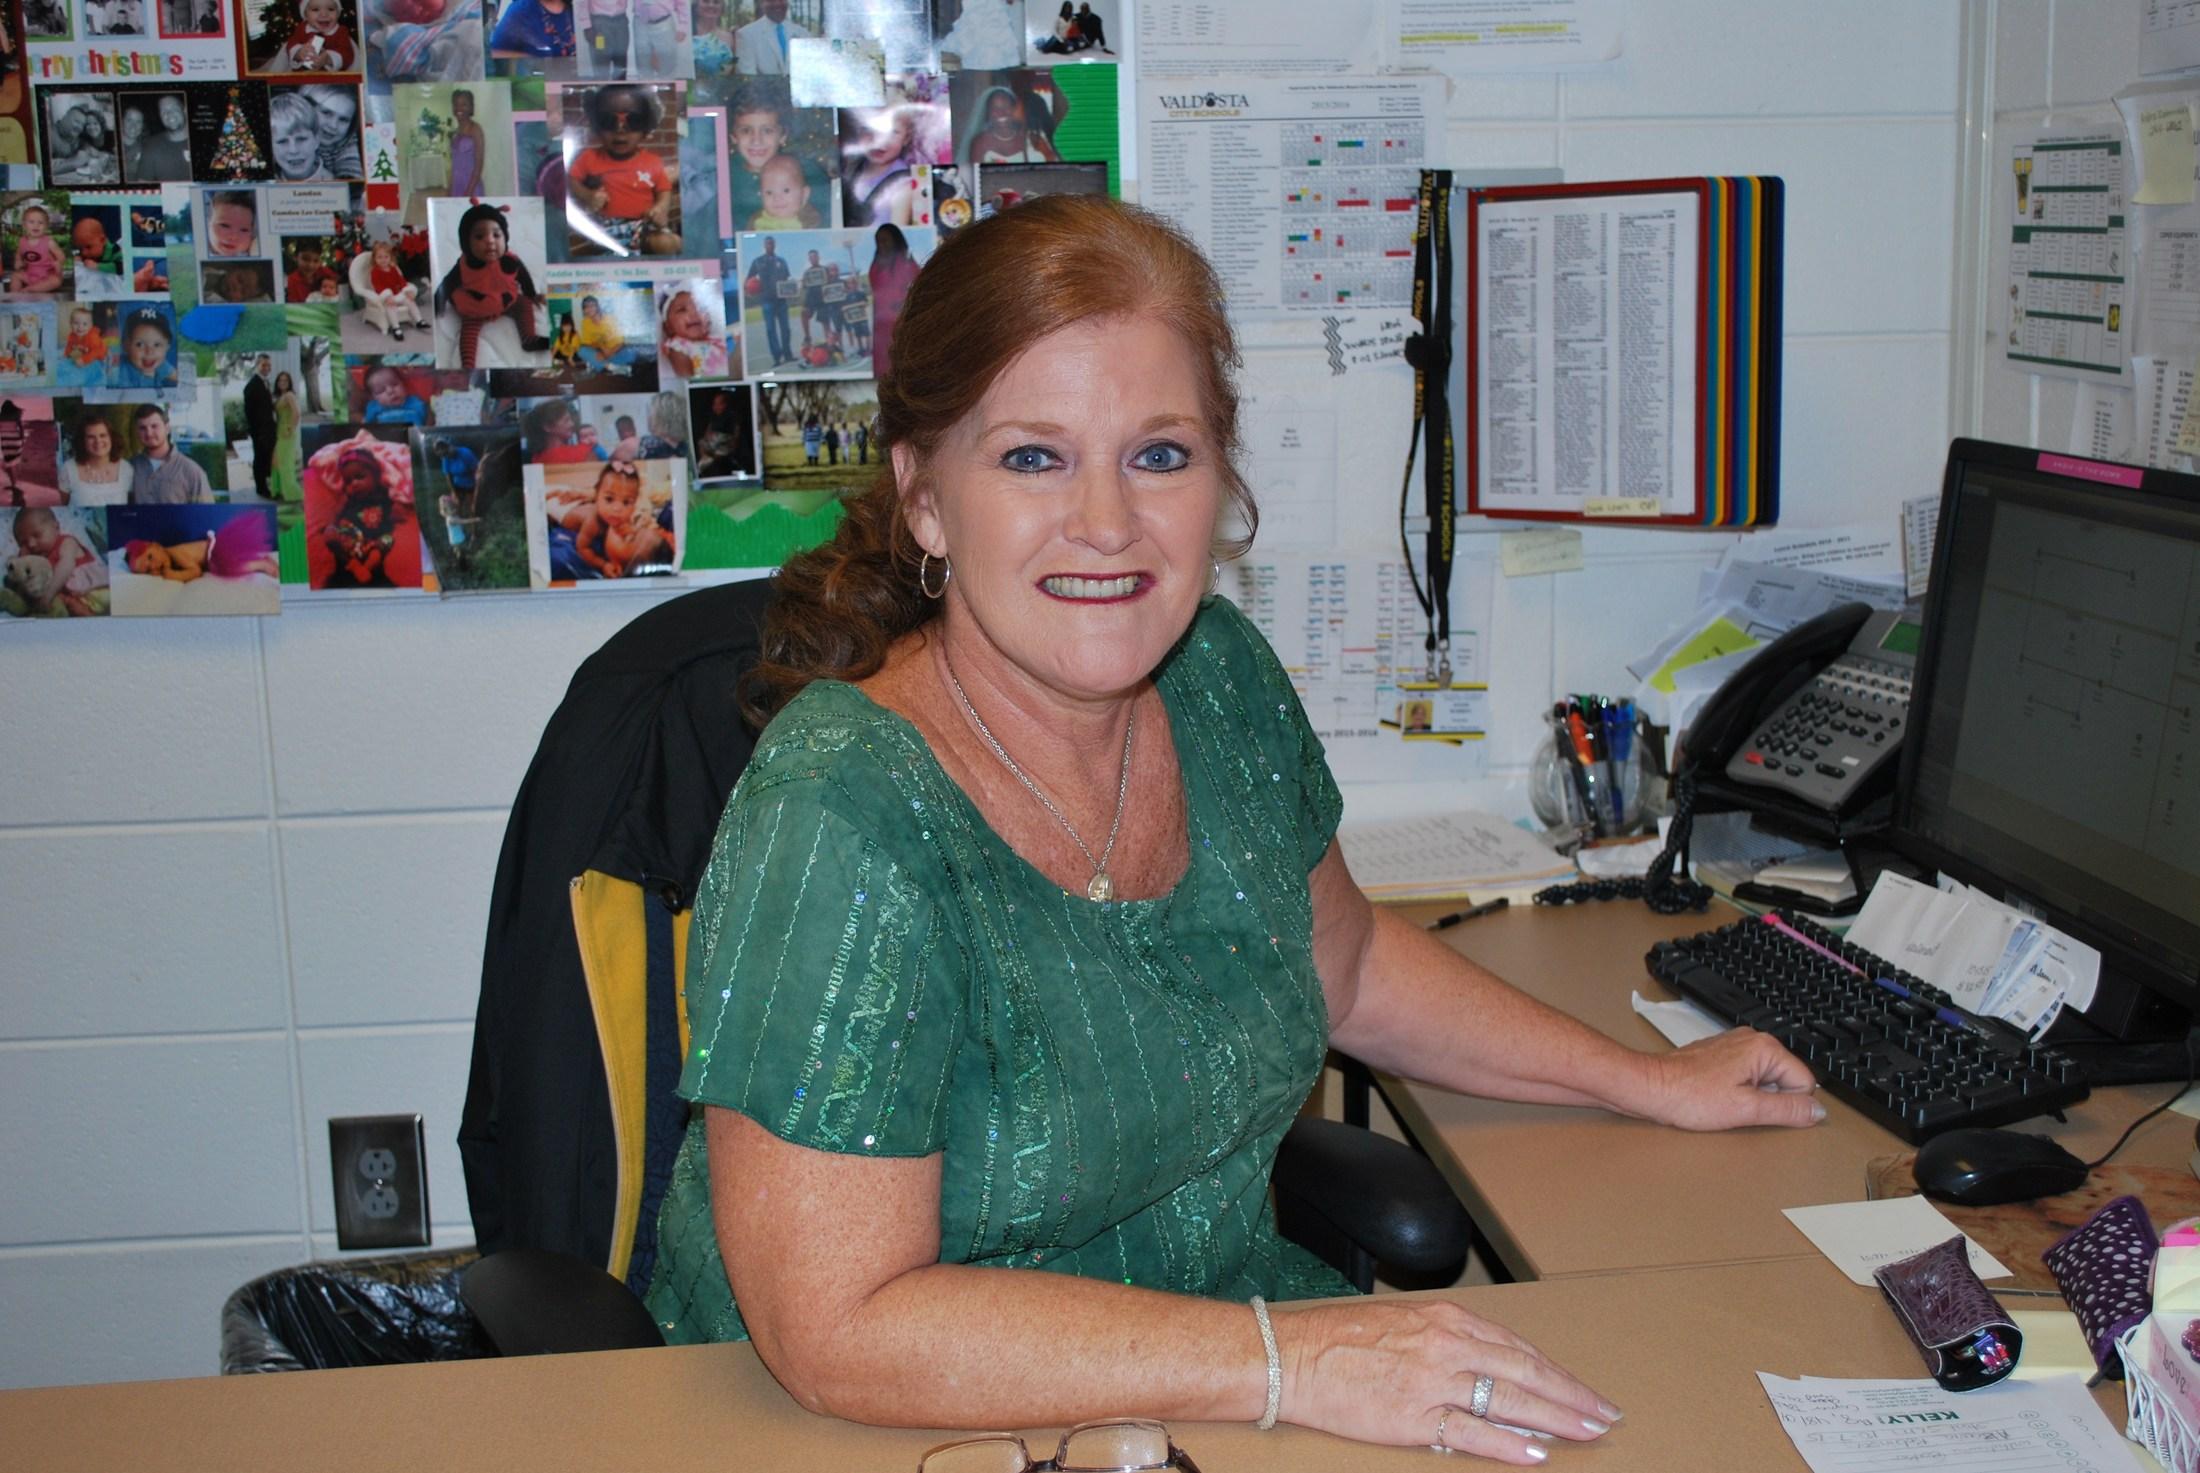 Angie Warren